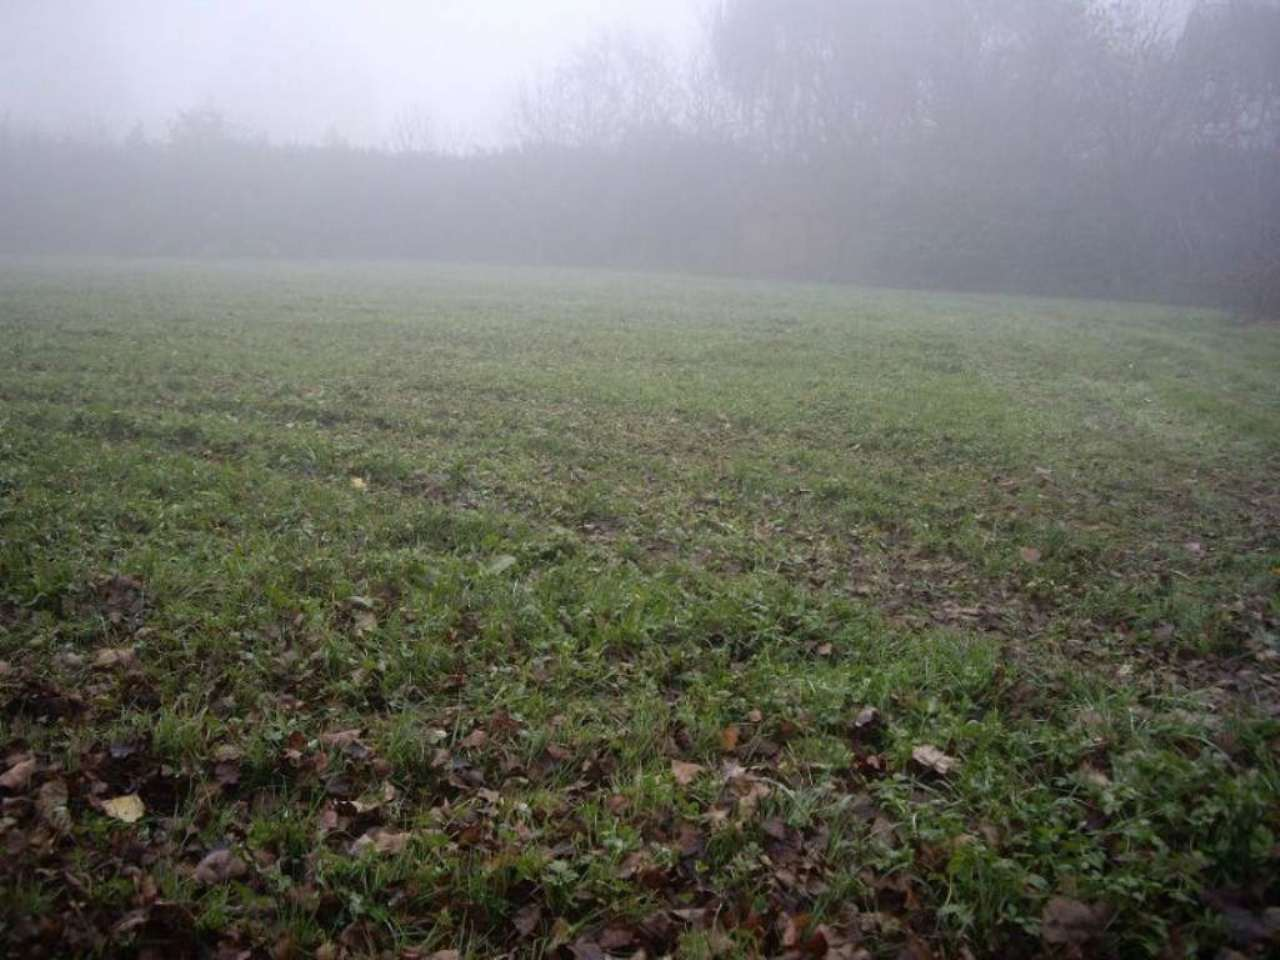 Terreno Agricolo in vendita a Arzago d'Adda, 9999 locali, prezzo € 50.000 | CambioCasa.it